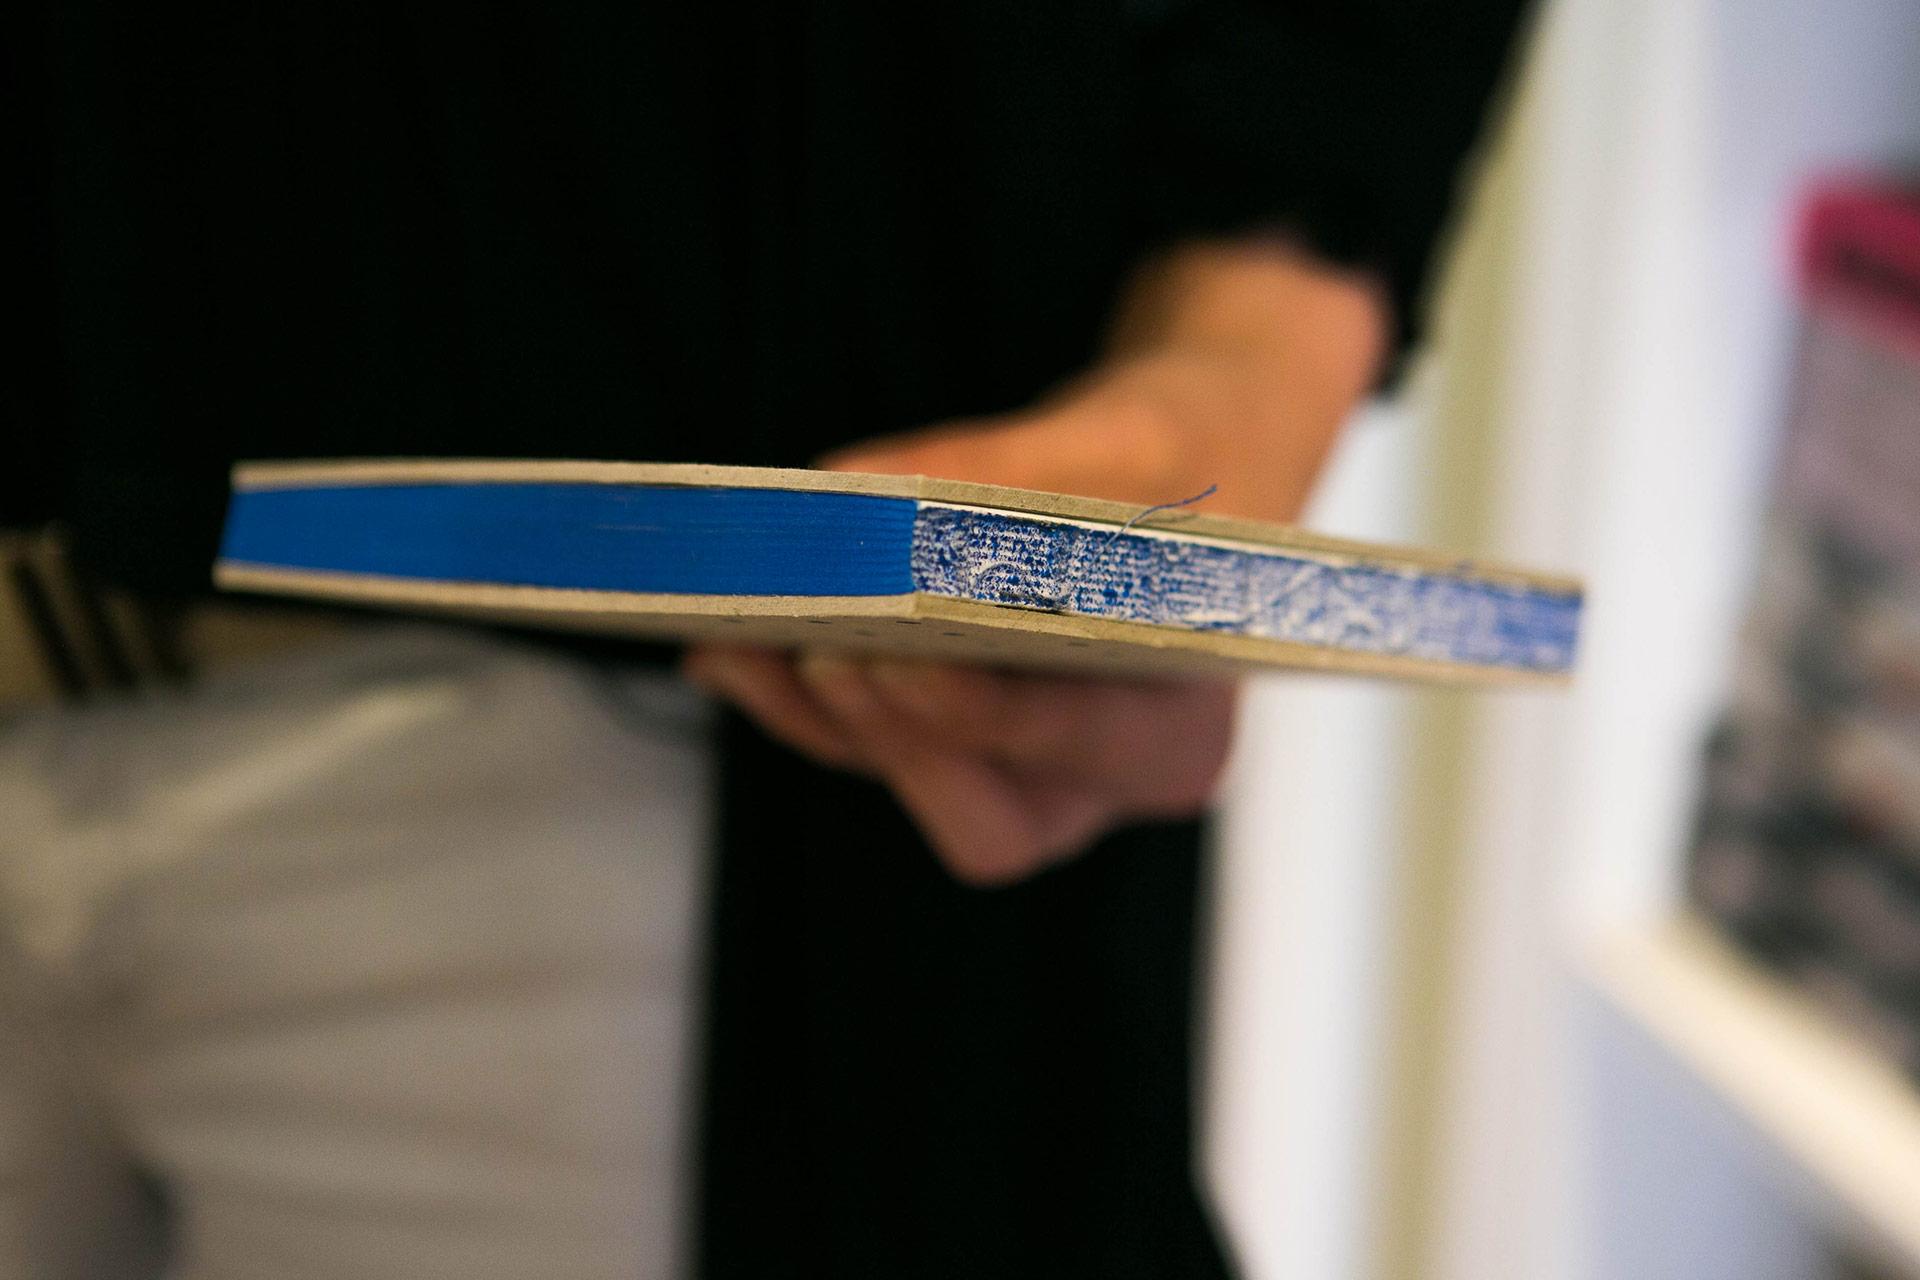 PerfectBook - Recycled papier, zeefdruk en offset met een open rug